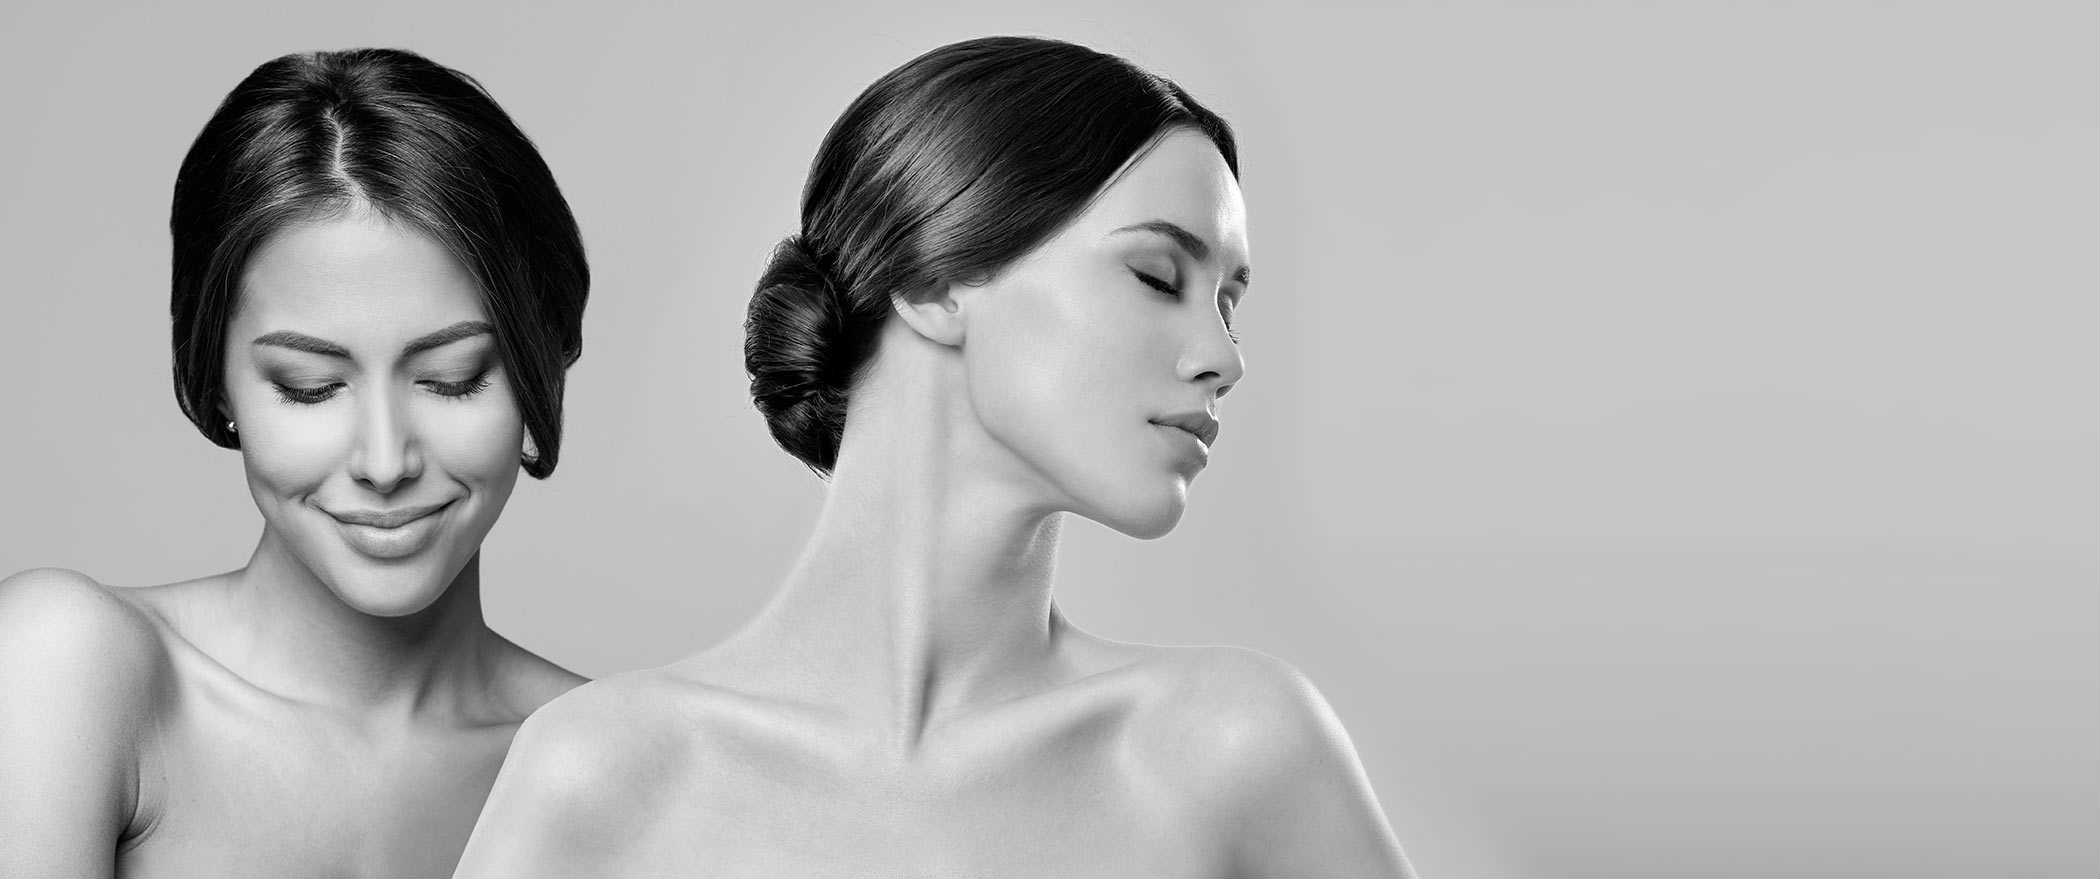 Hårkure til skæl, hårtab og fedtet hår